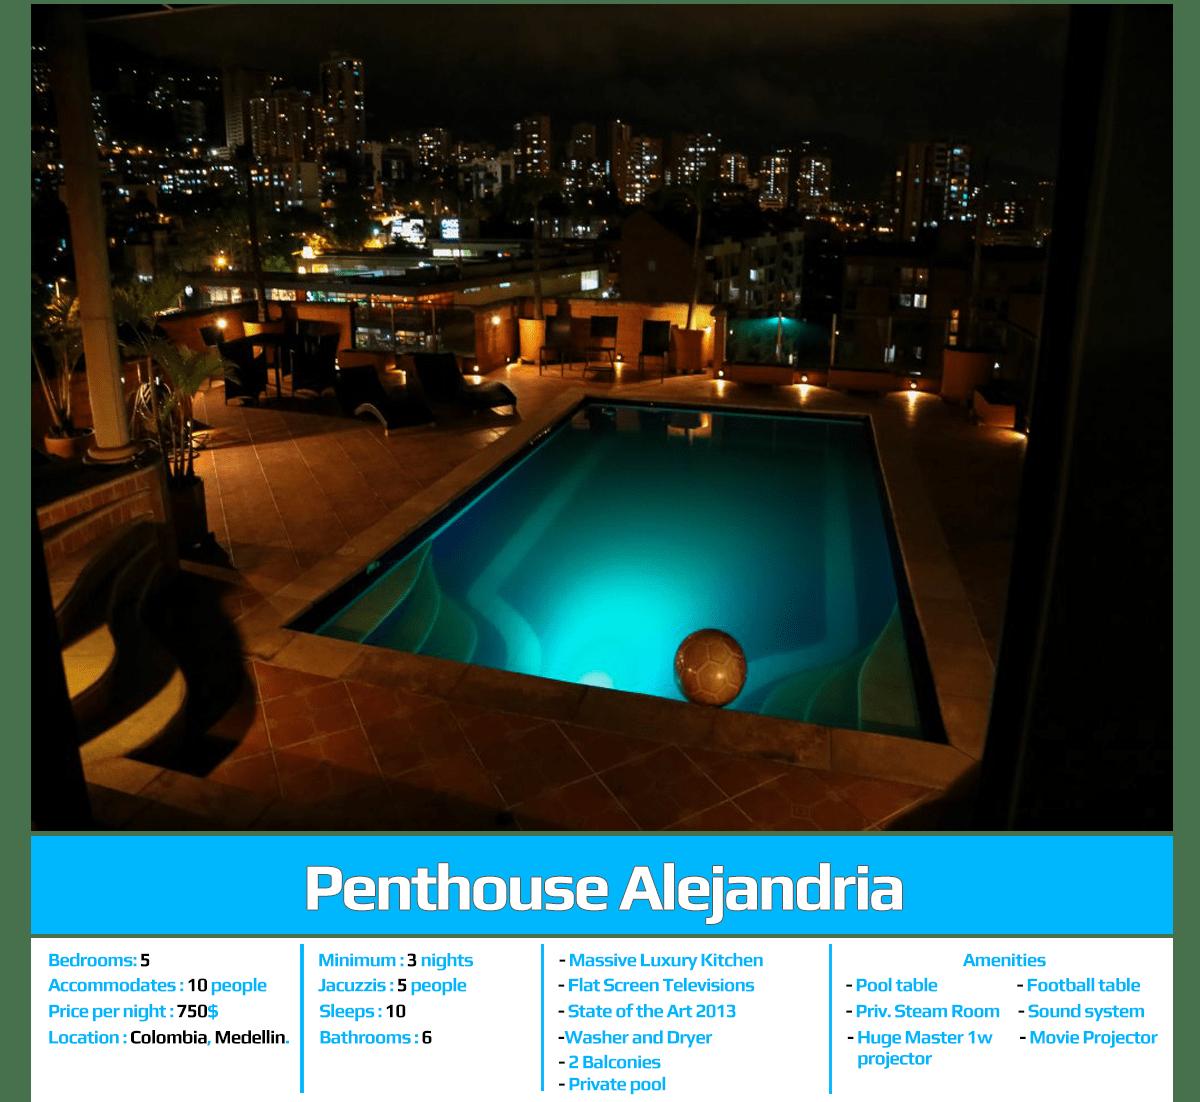 penthouse alejandria